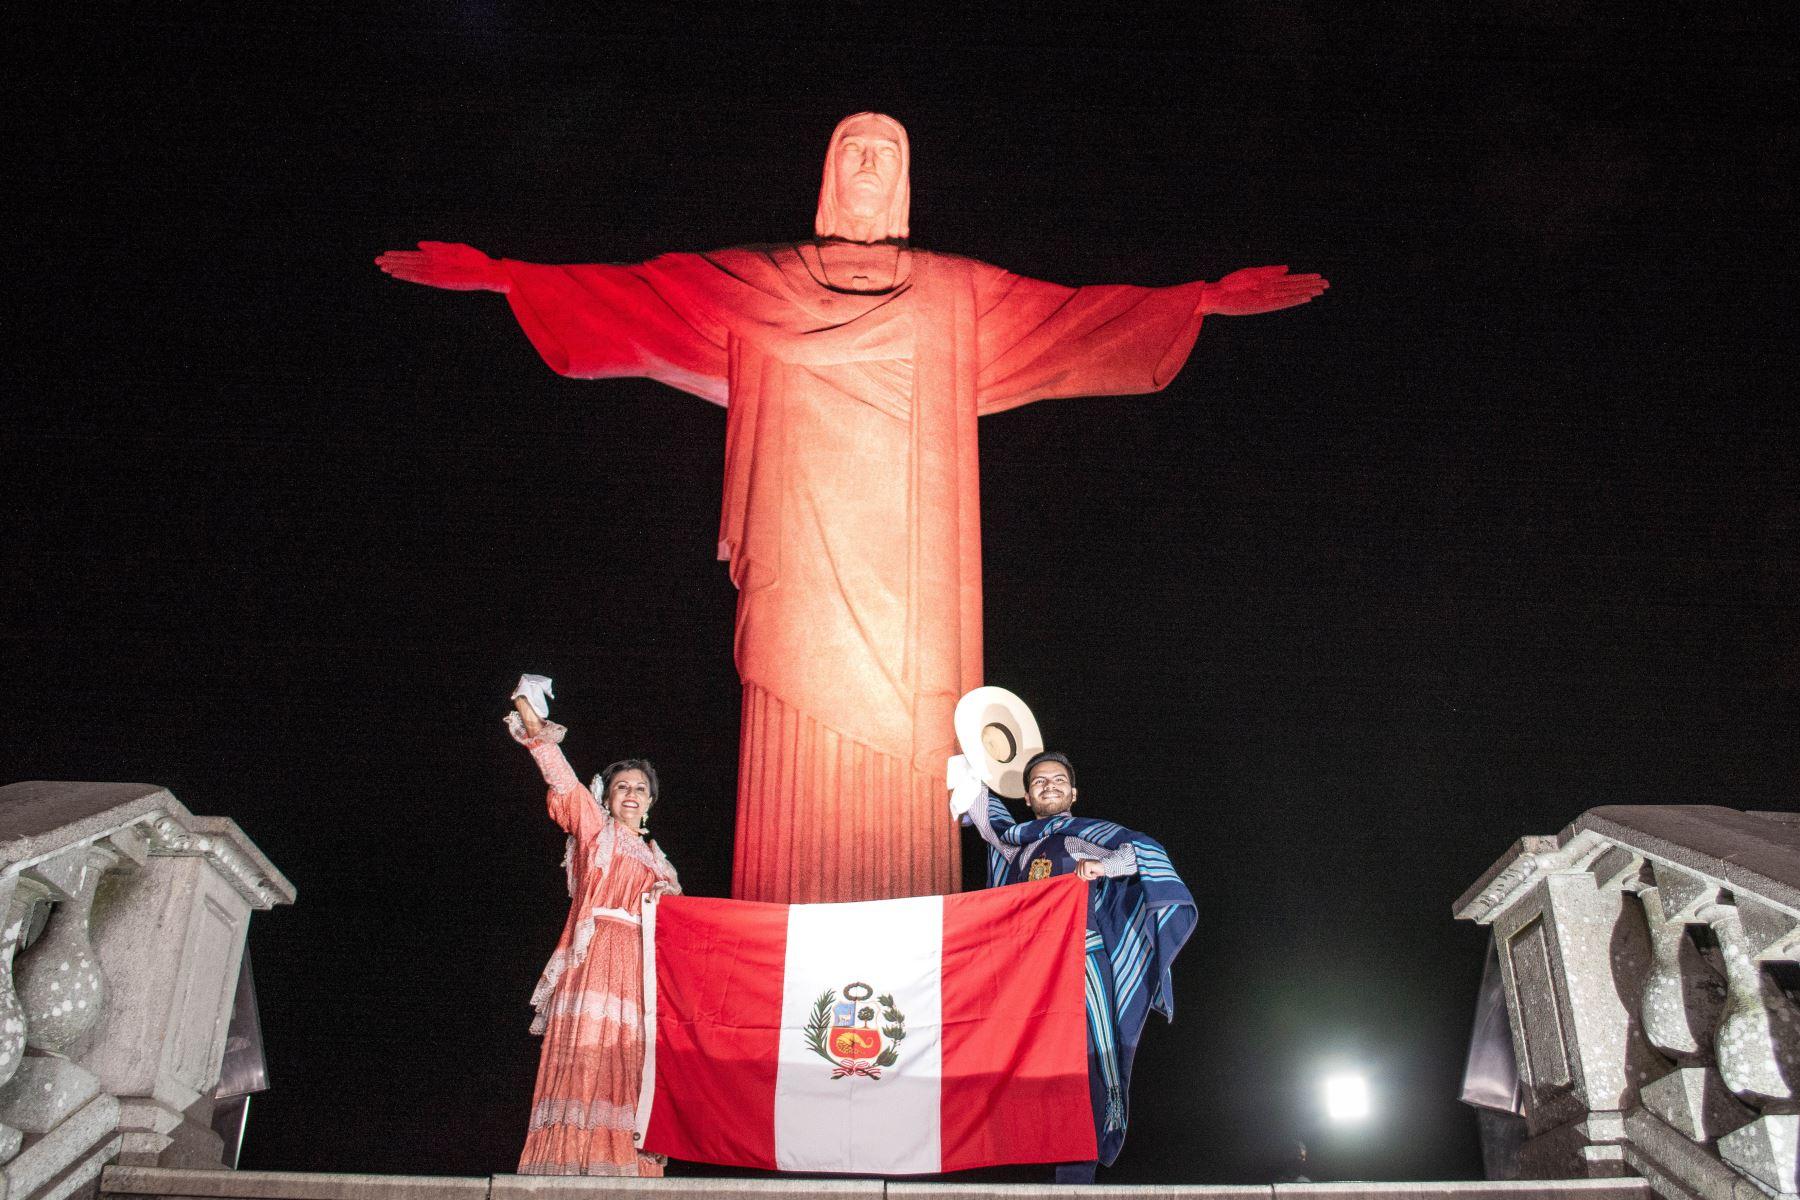 Cristo Redentor de Río de Janeiro se une a la conmemoración del Bicentenario. ANDINA/Difusión